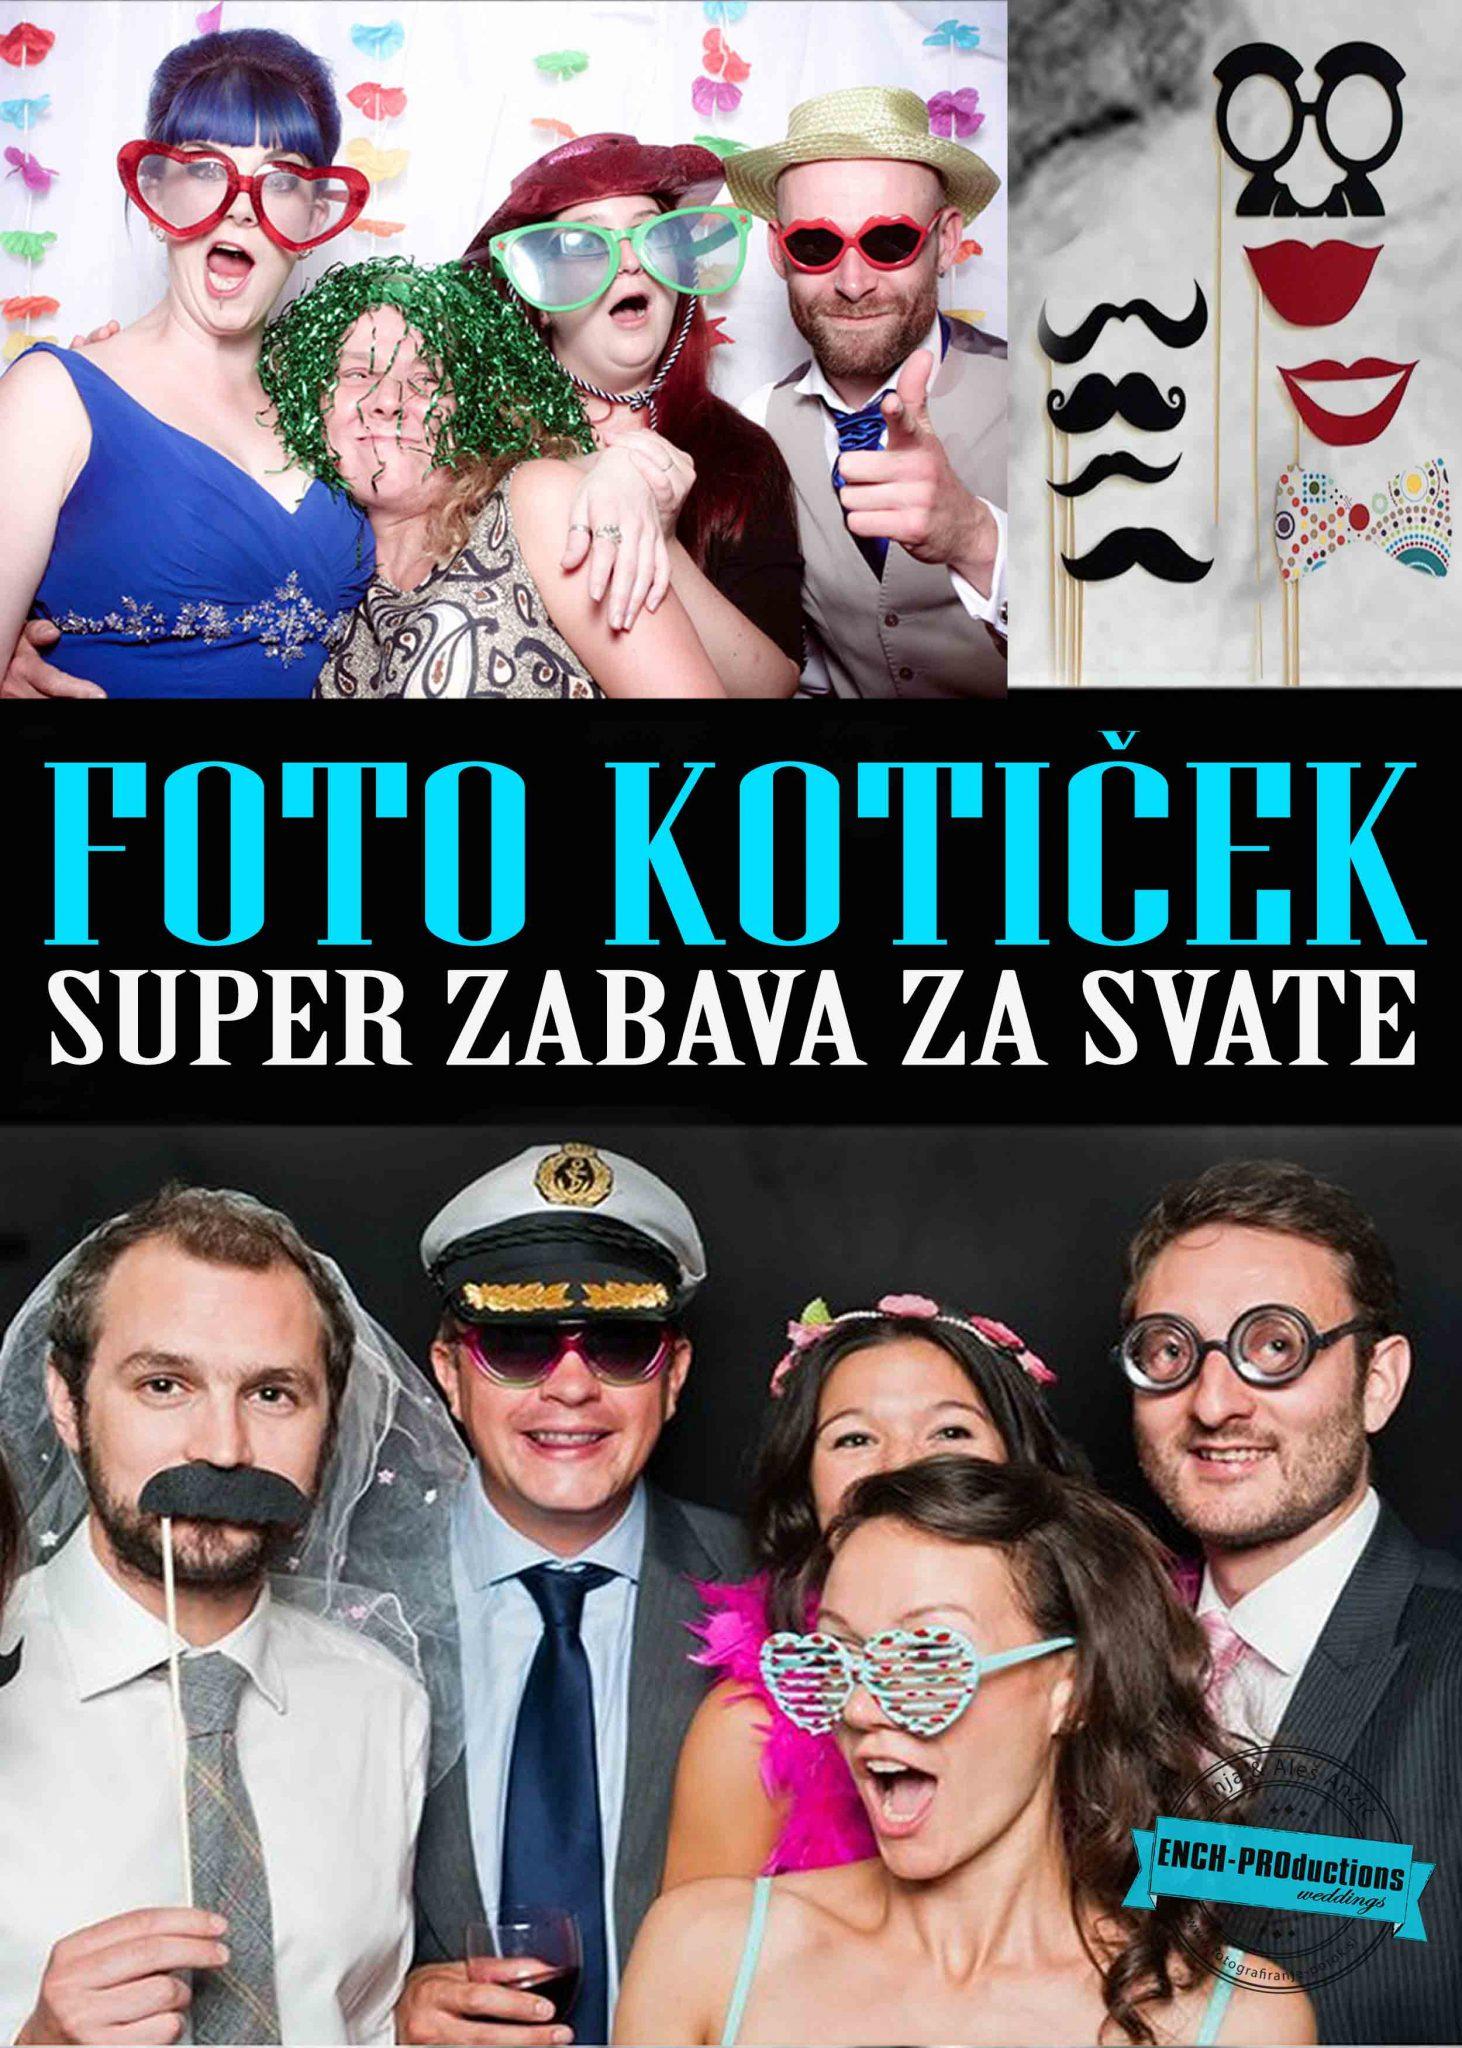 Fotokotiček na zabavi